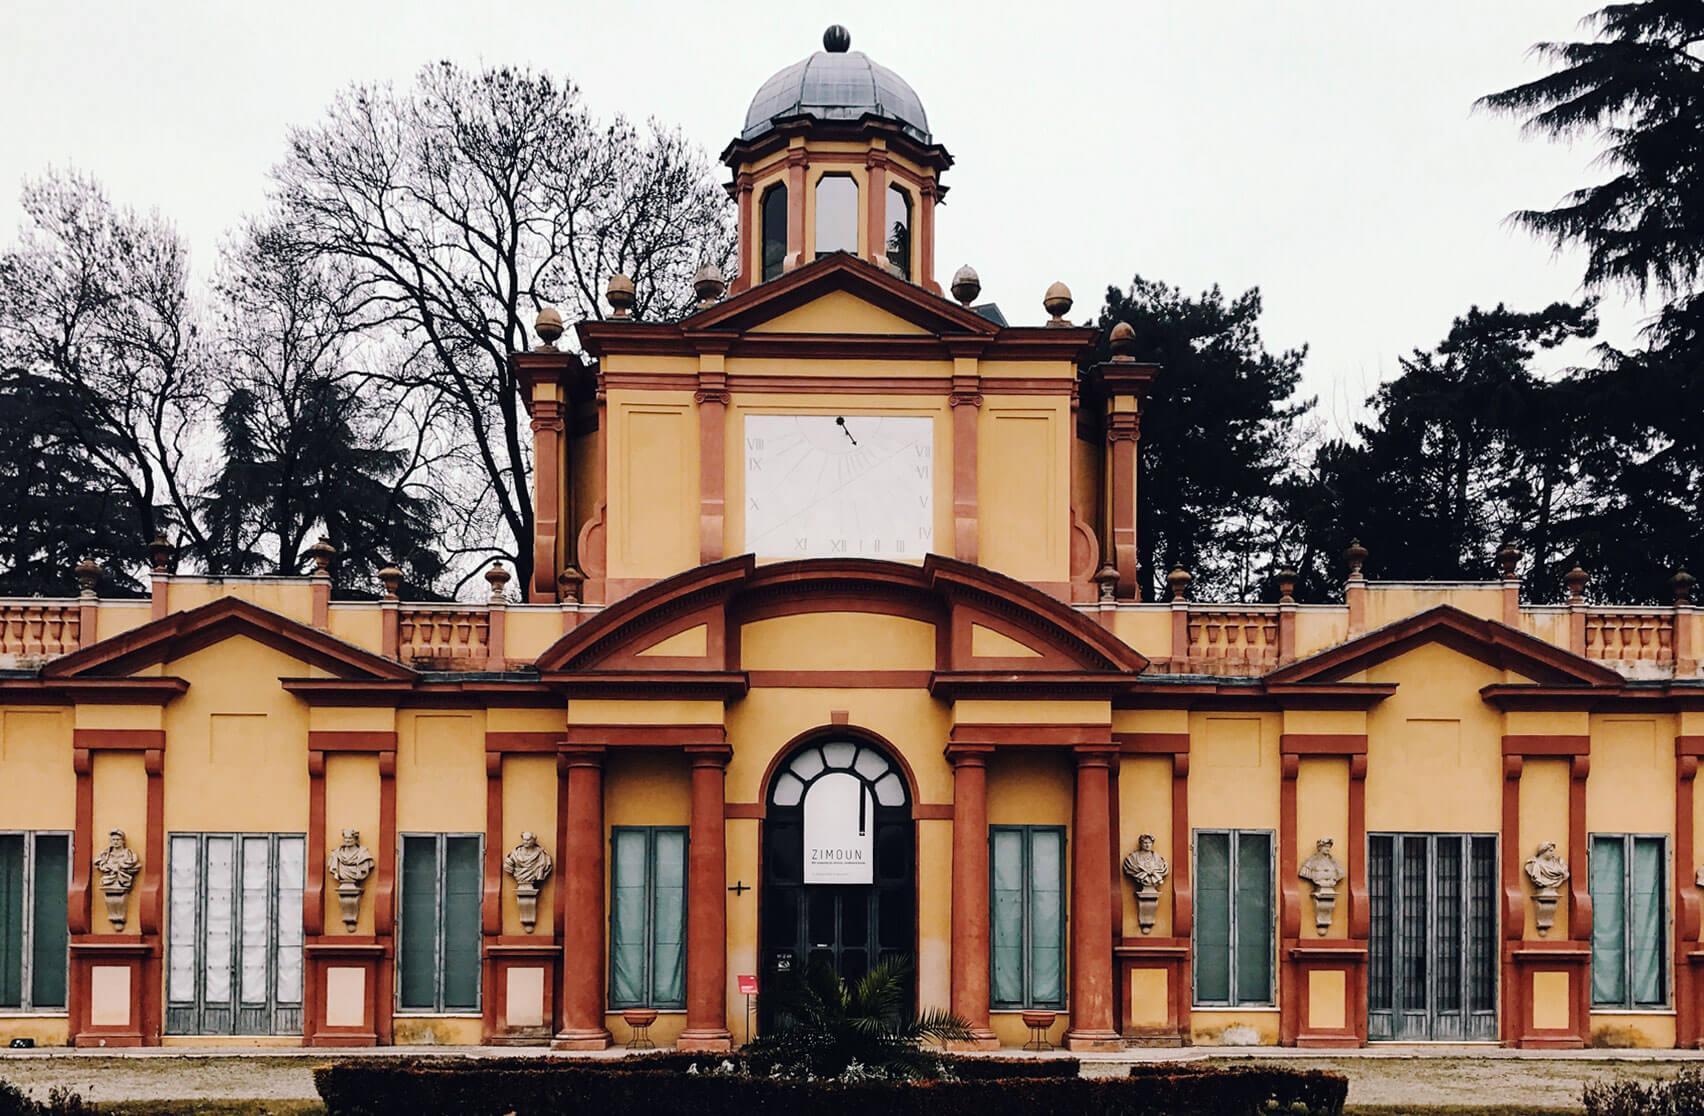 Zimoun-a-Modena_MyModenaDiary